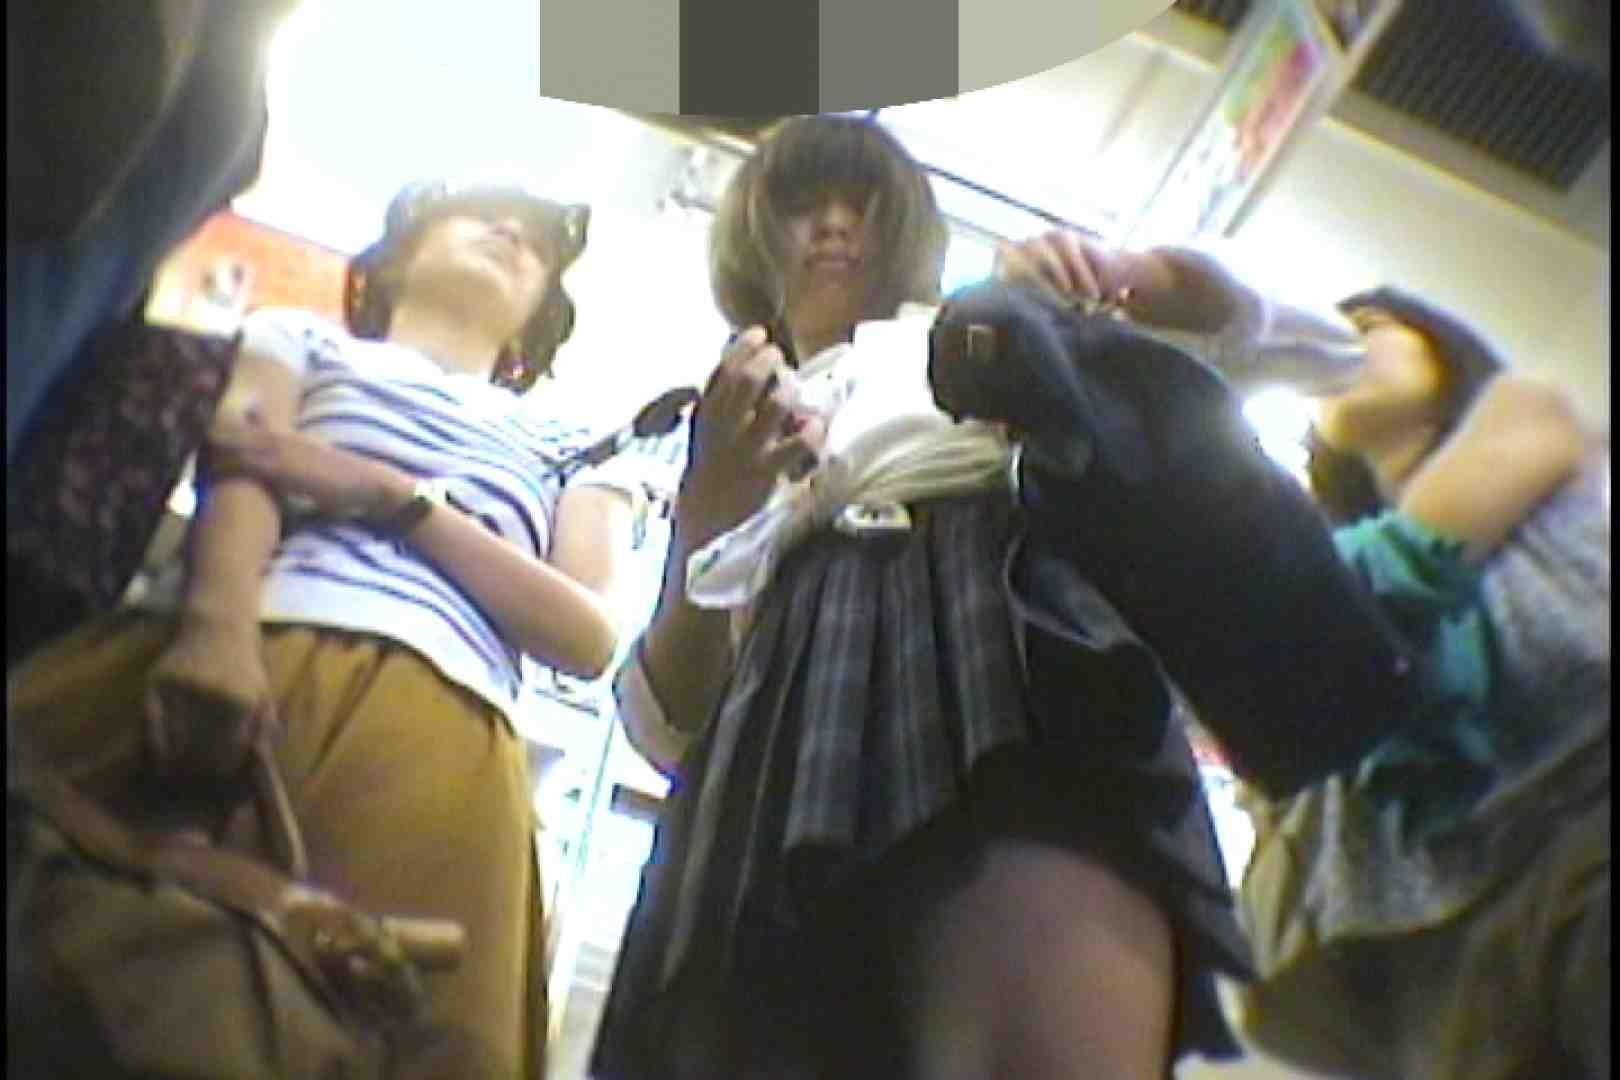 会員No.7番 KAIさんのパンチラ現役女子の会 パンチラ 戯れ無修正画像 75枚